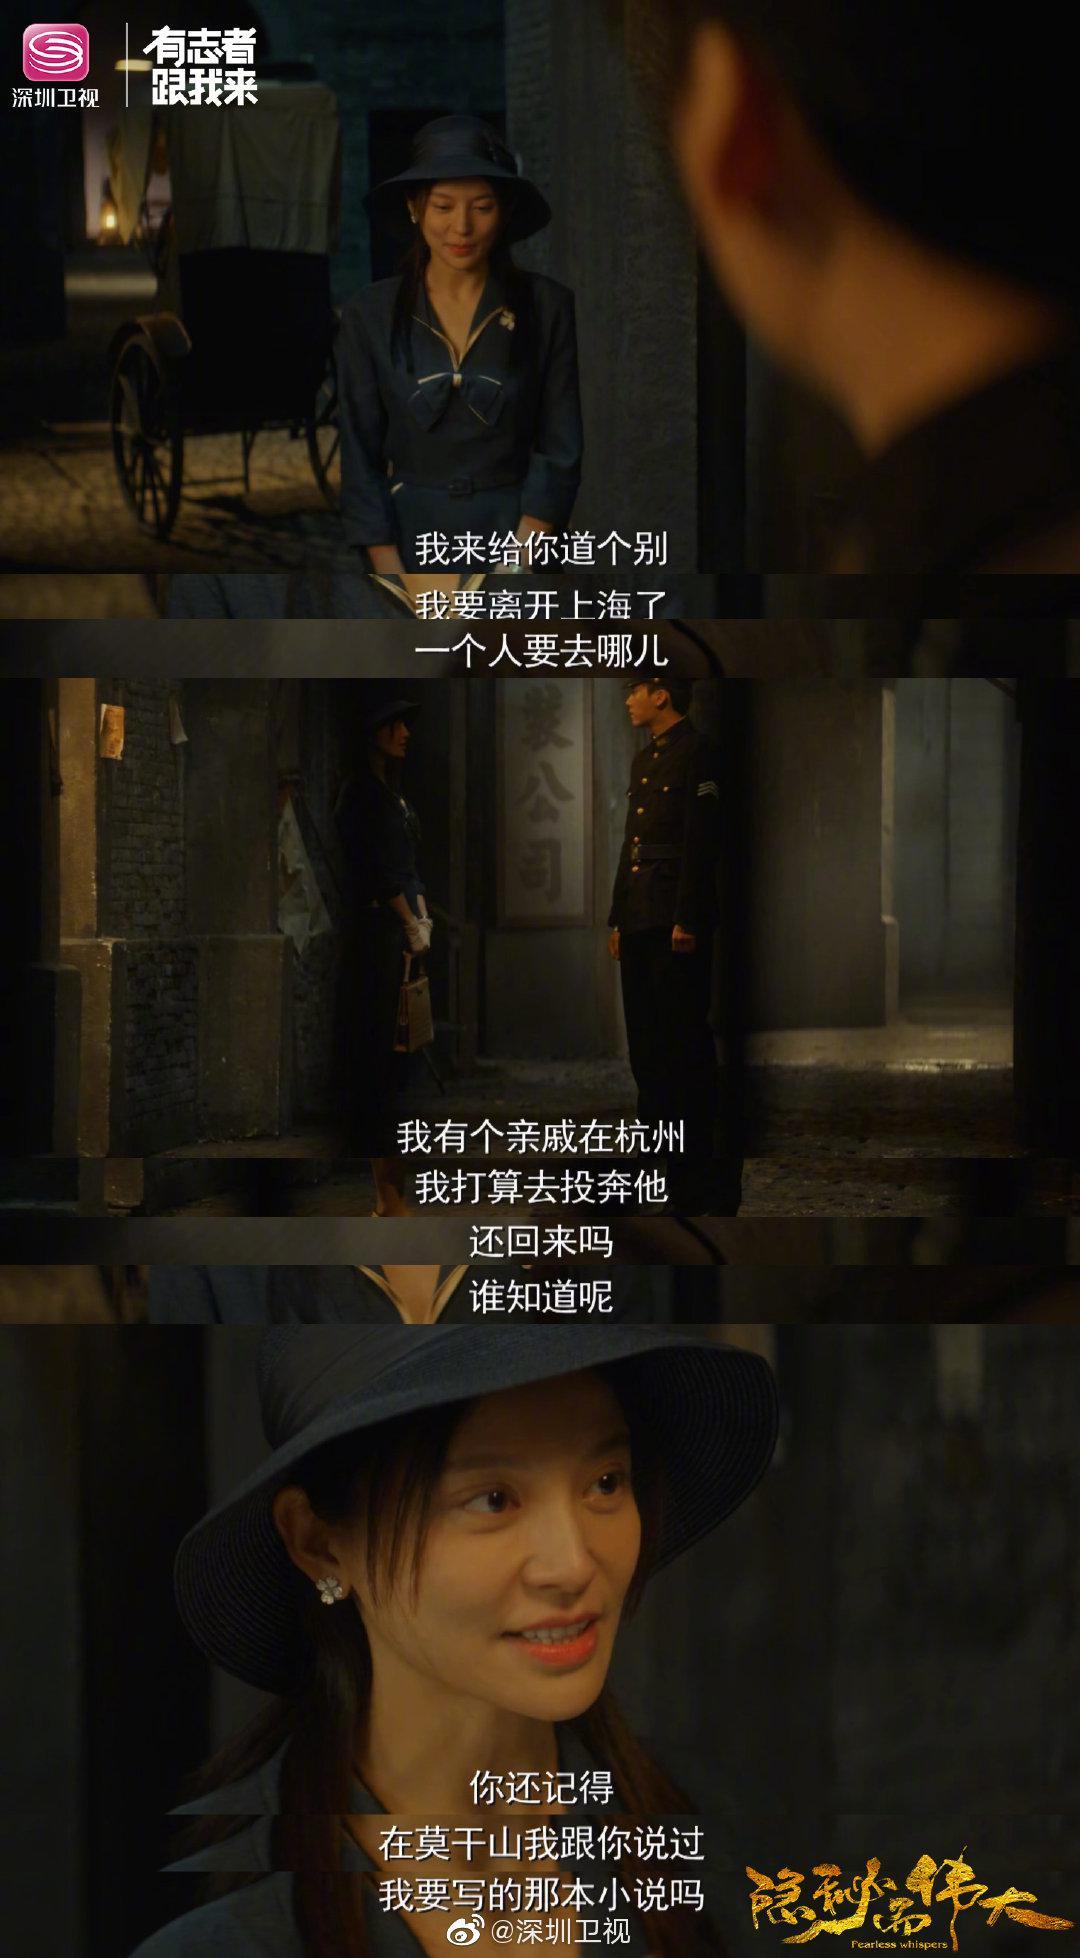 丁放@施诗Kira 向顾耀东@李易峰 道别,决定离开上海……